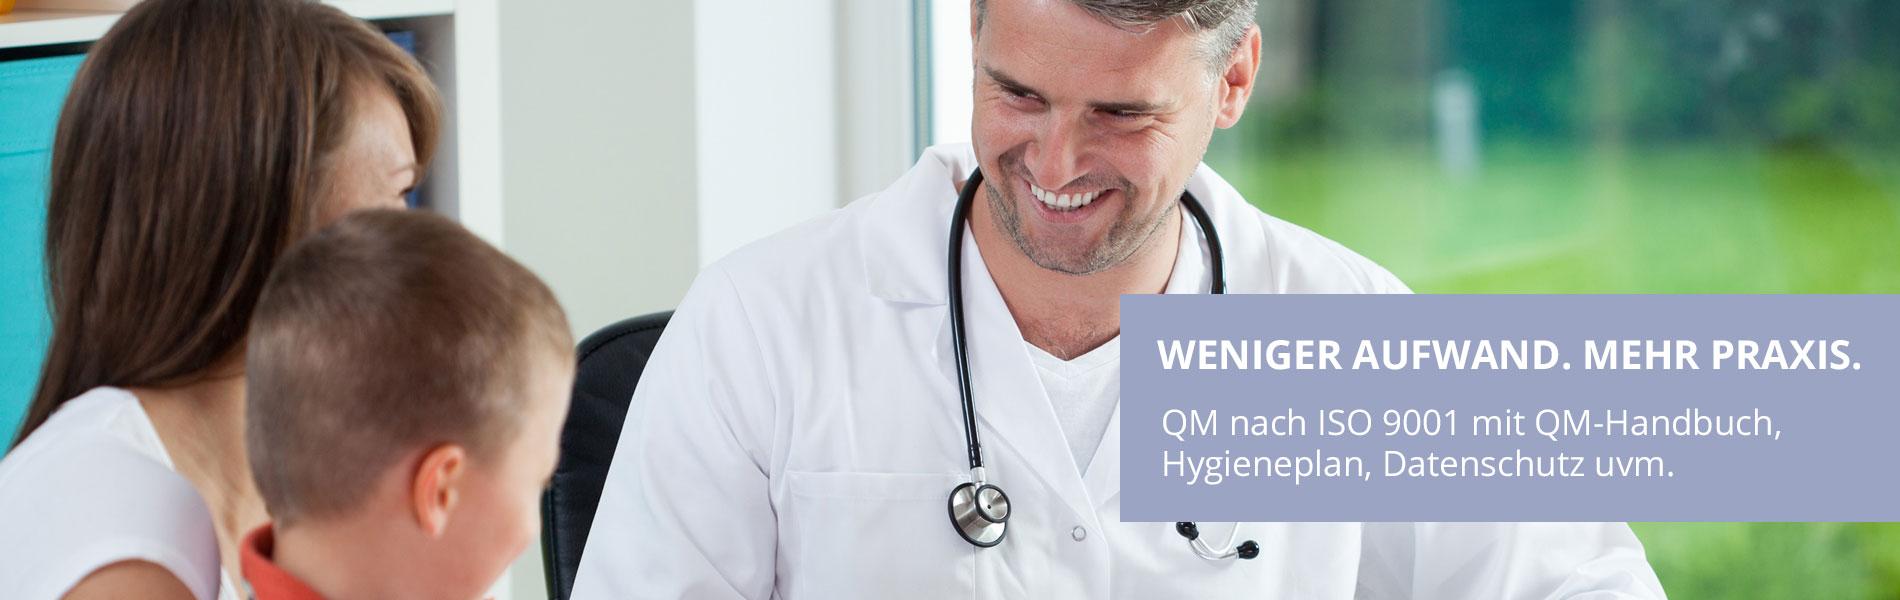 Hygieneberatung Arztpraxis, Qualitätsmanagement Arztpraxis, Krankenhausberatung, Beratung Gesundheitswesen, Praxisberatung, Unternehmensberatung Gesundheitswesen